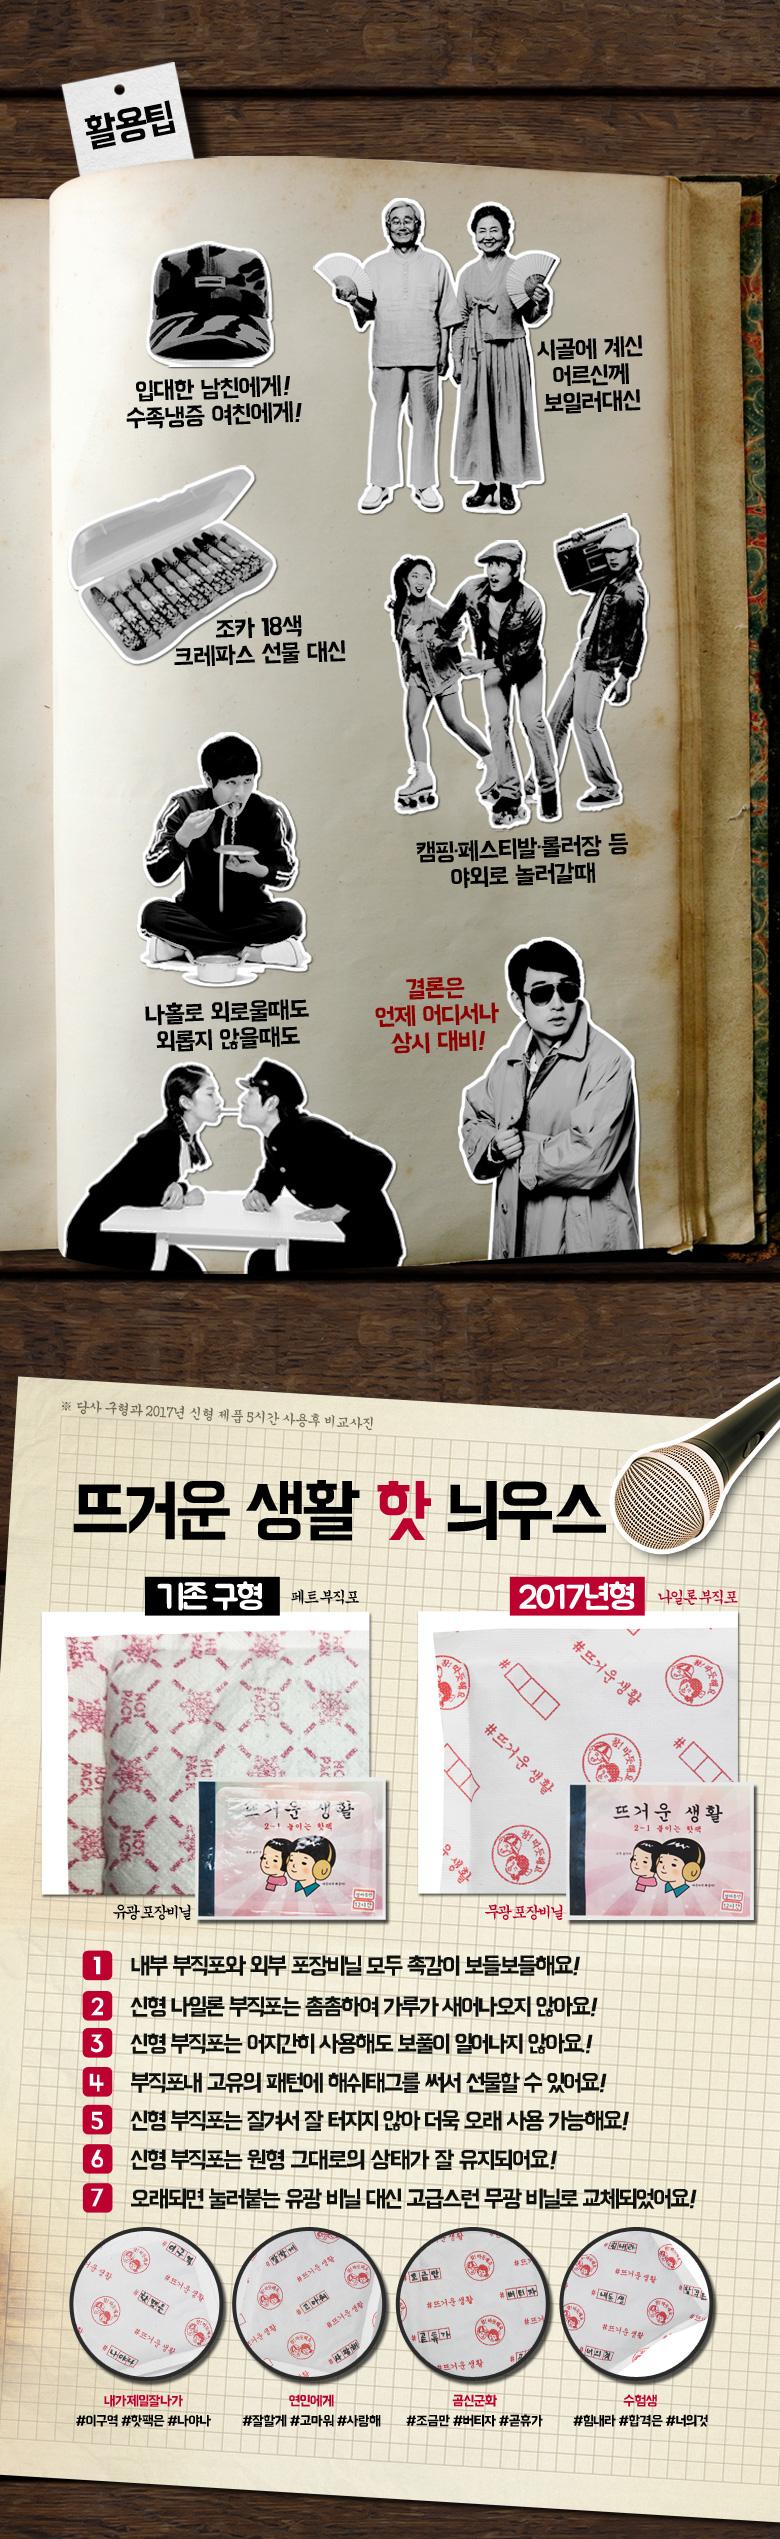 뜨거운생활 주머니 핫팩 100g 10개 SET - 아이오앤코코리아, 4,000원, 계절용품, 찜질팩